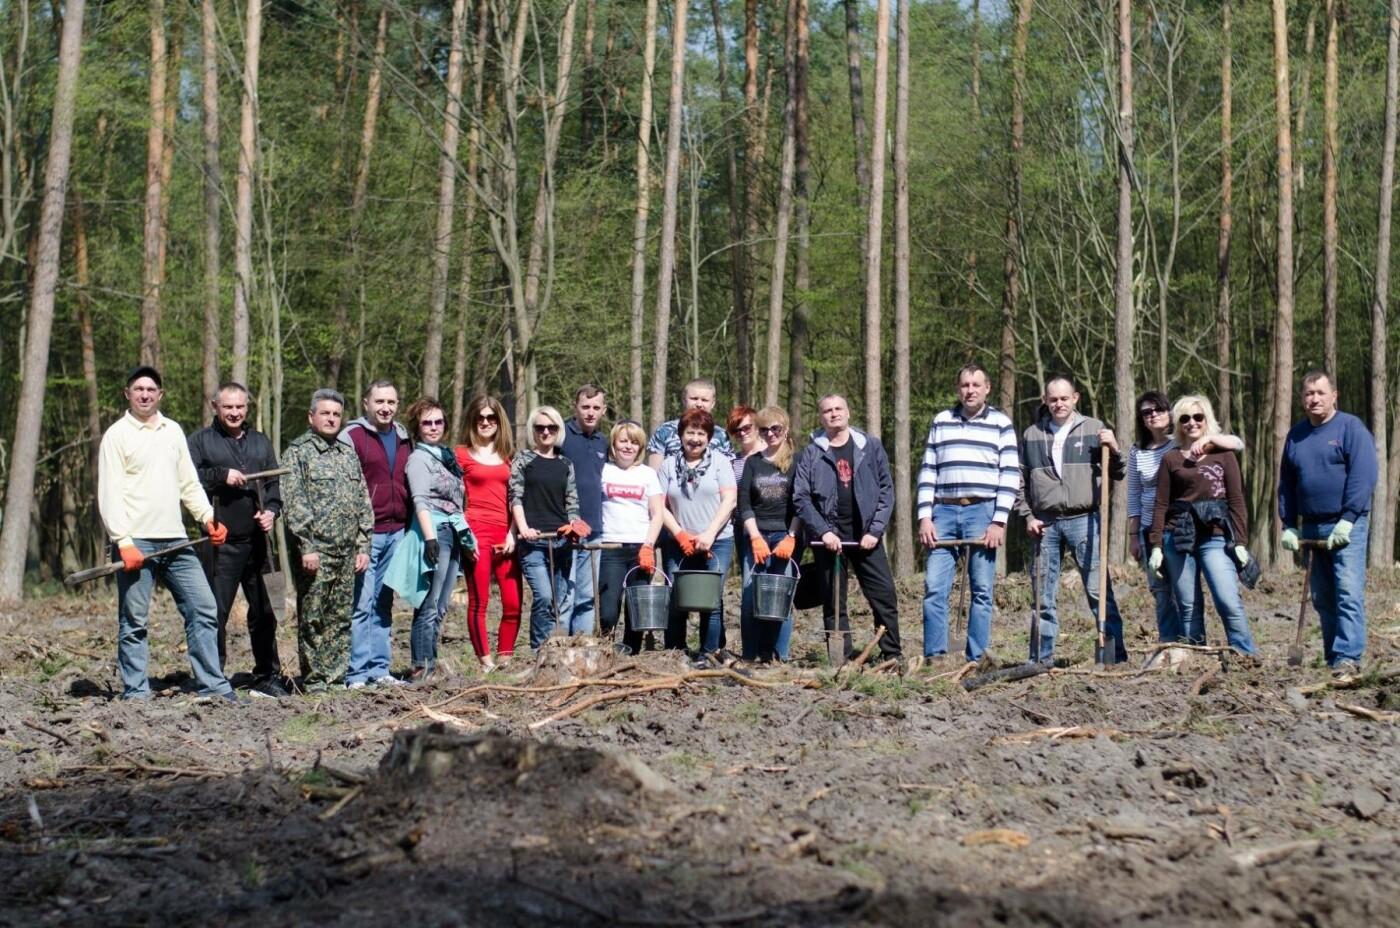 Степан Барна: Дуже важливо, щоб ми приклали всіх зусиль, щоб відновити лісовий фонд Тернопільської області (фото, відео), фото-7